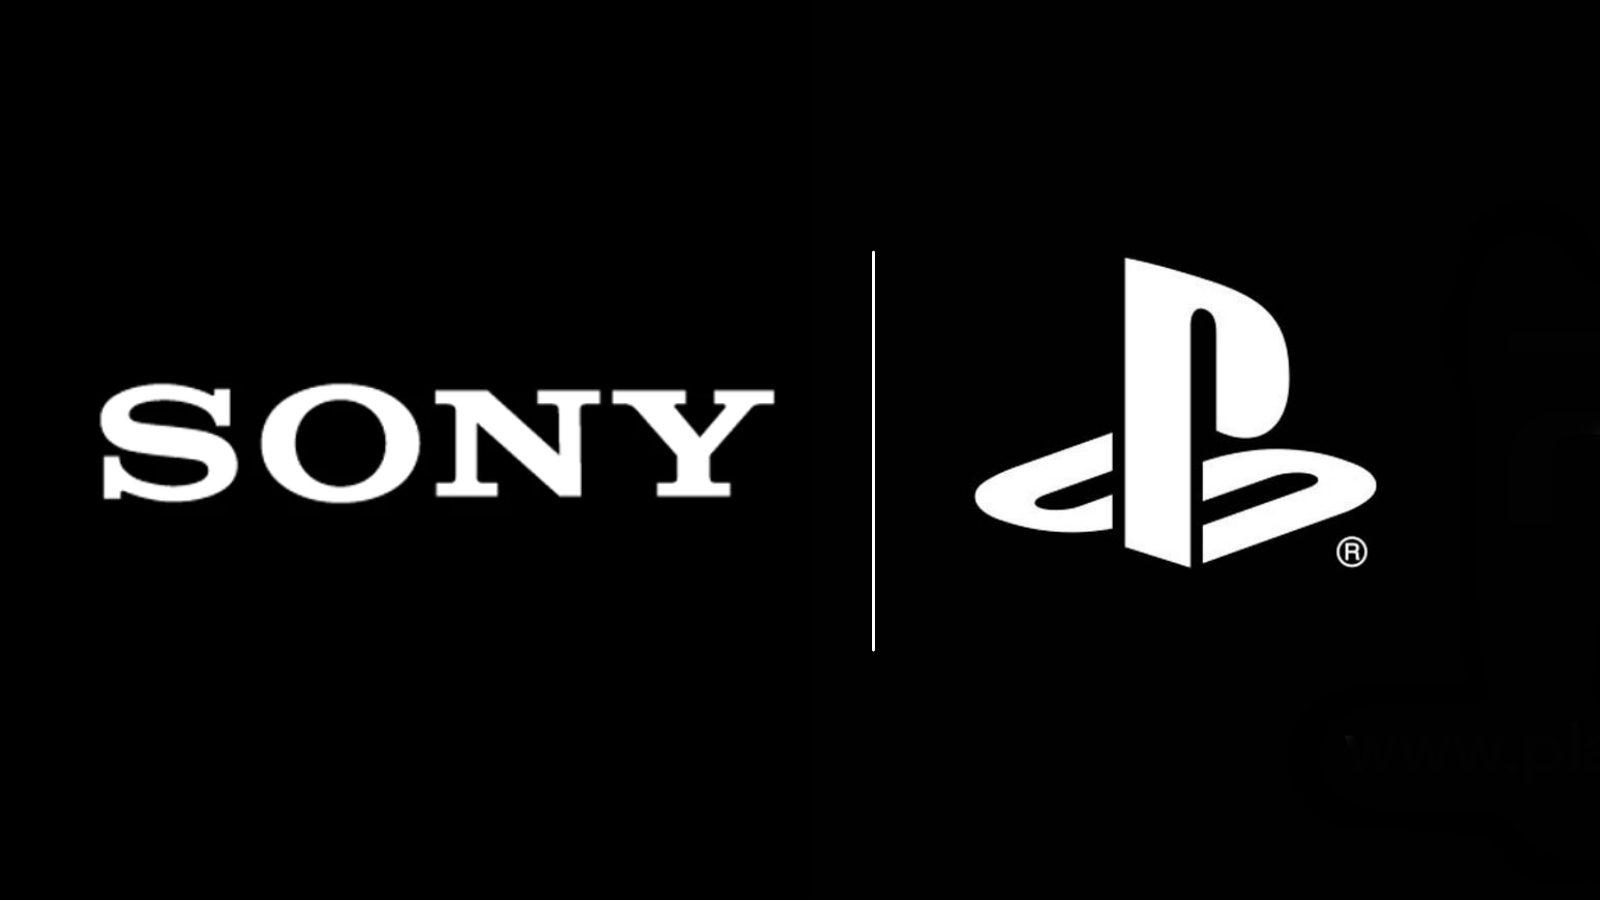 Sony is slowing down PSN downloads in EU